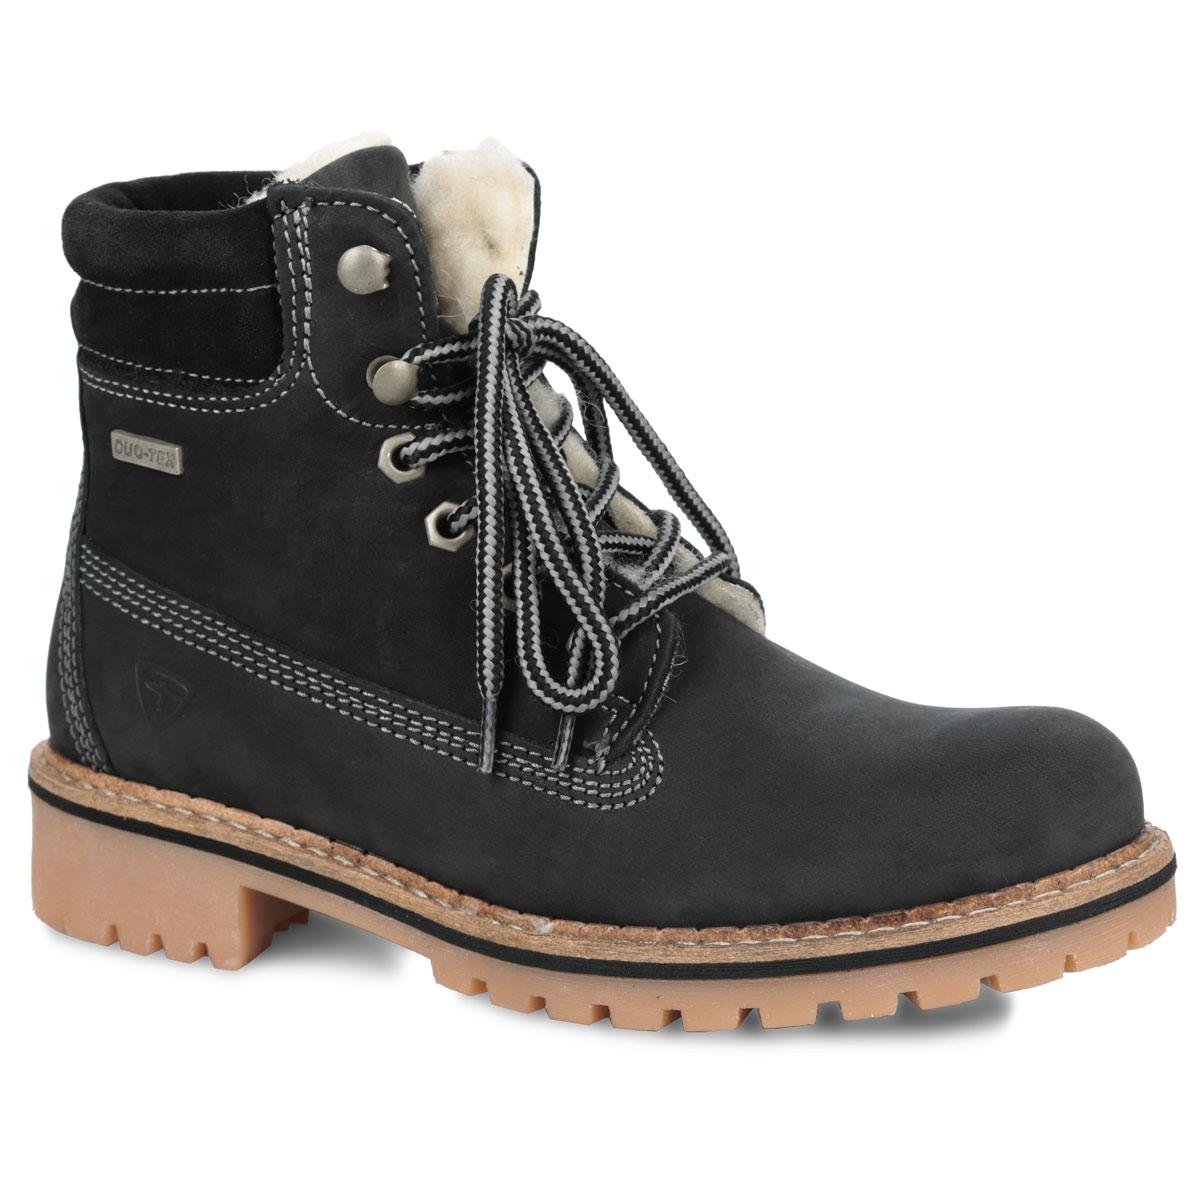 Ботинки женские. 1-1-26244-25-0011-1-26244-25-001Стильные женские ботинки от Tamaris надежно защитят вас от холода. Верх выполнен из натуральной кожи и оформлен прострочкой. Подкладка и стелька изготовлены из мягкого меха, позволяющего сохранять ваши ноги в тепле. Шнуровка надежно фиксирует модель на ноге. Подошва с рельефной поверхностью обеспечивает отличное сцепление на скользкой поверхности. Модель оформлена вдоль ранта крупной прострочкой. Такие ботинки отлично подойдут для каждодневного использования и подчеркнут ваш стиль и индивидуальность.